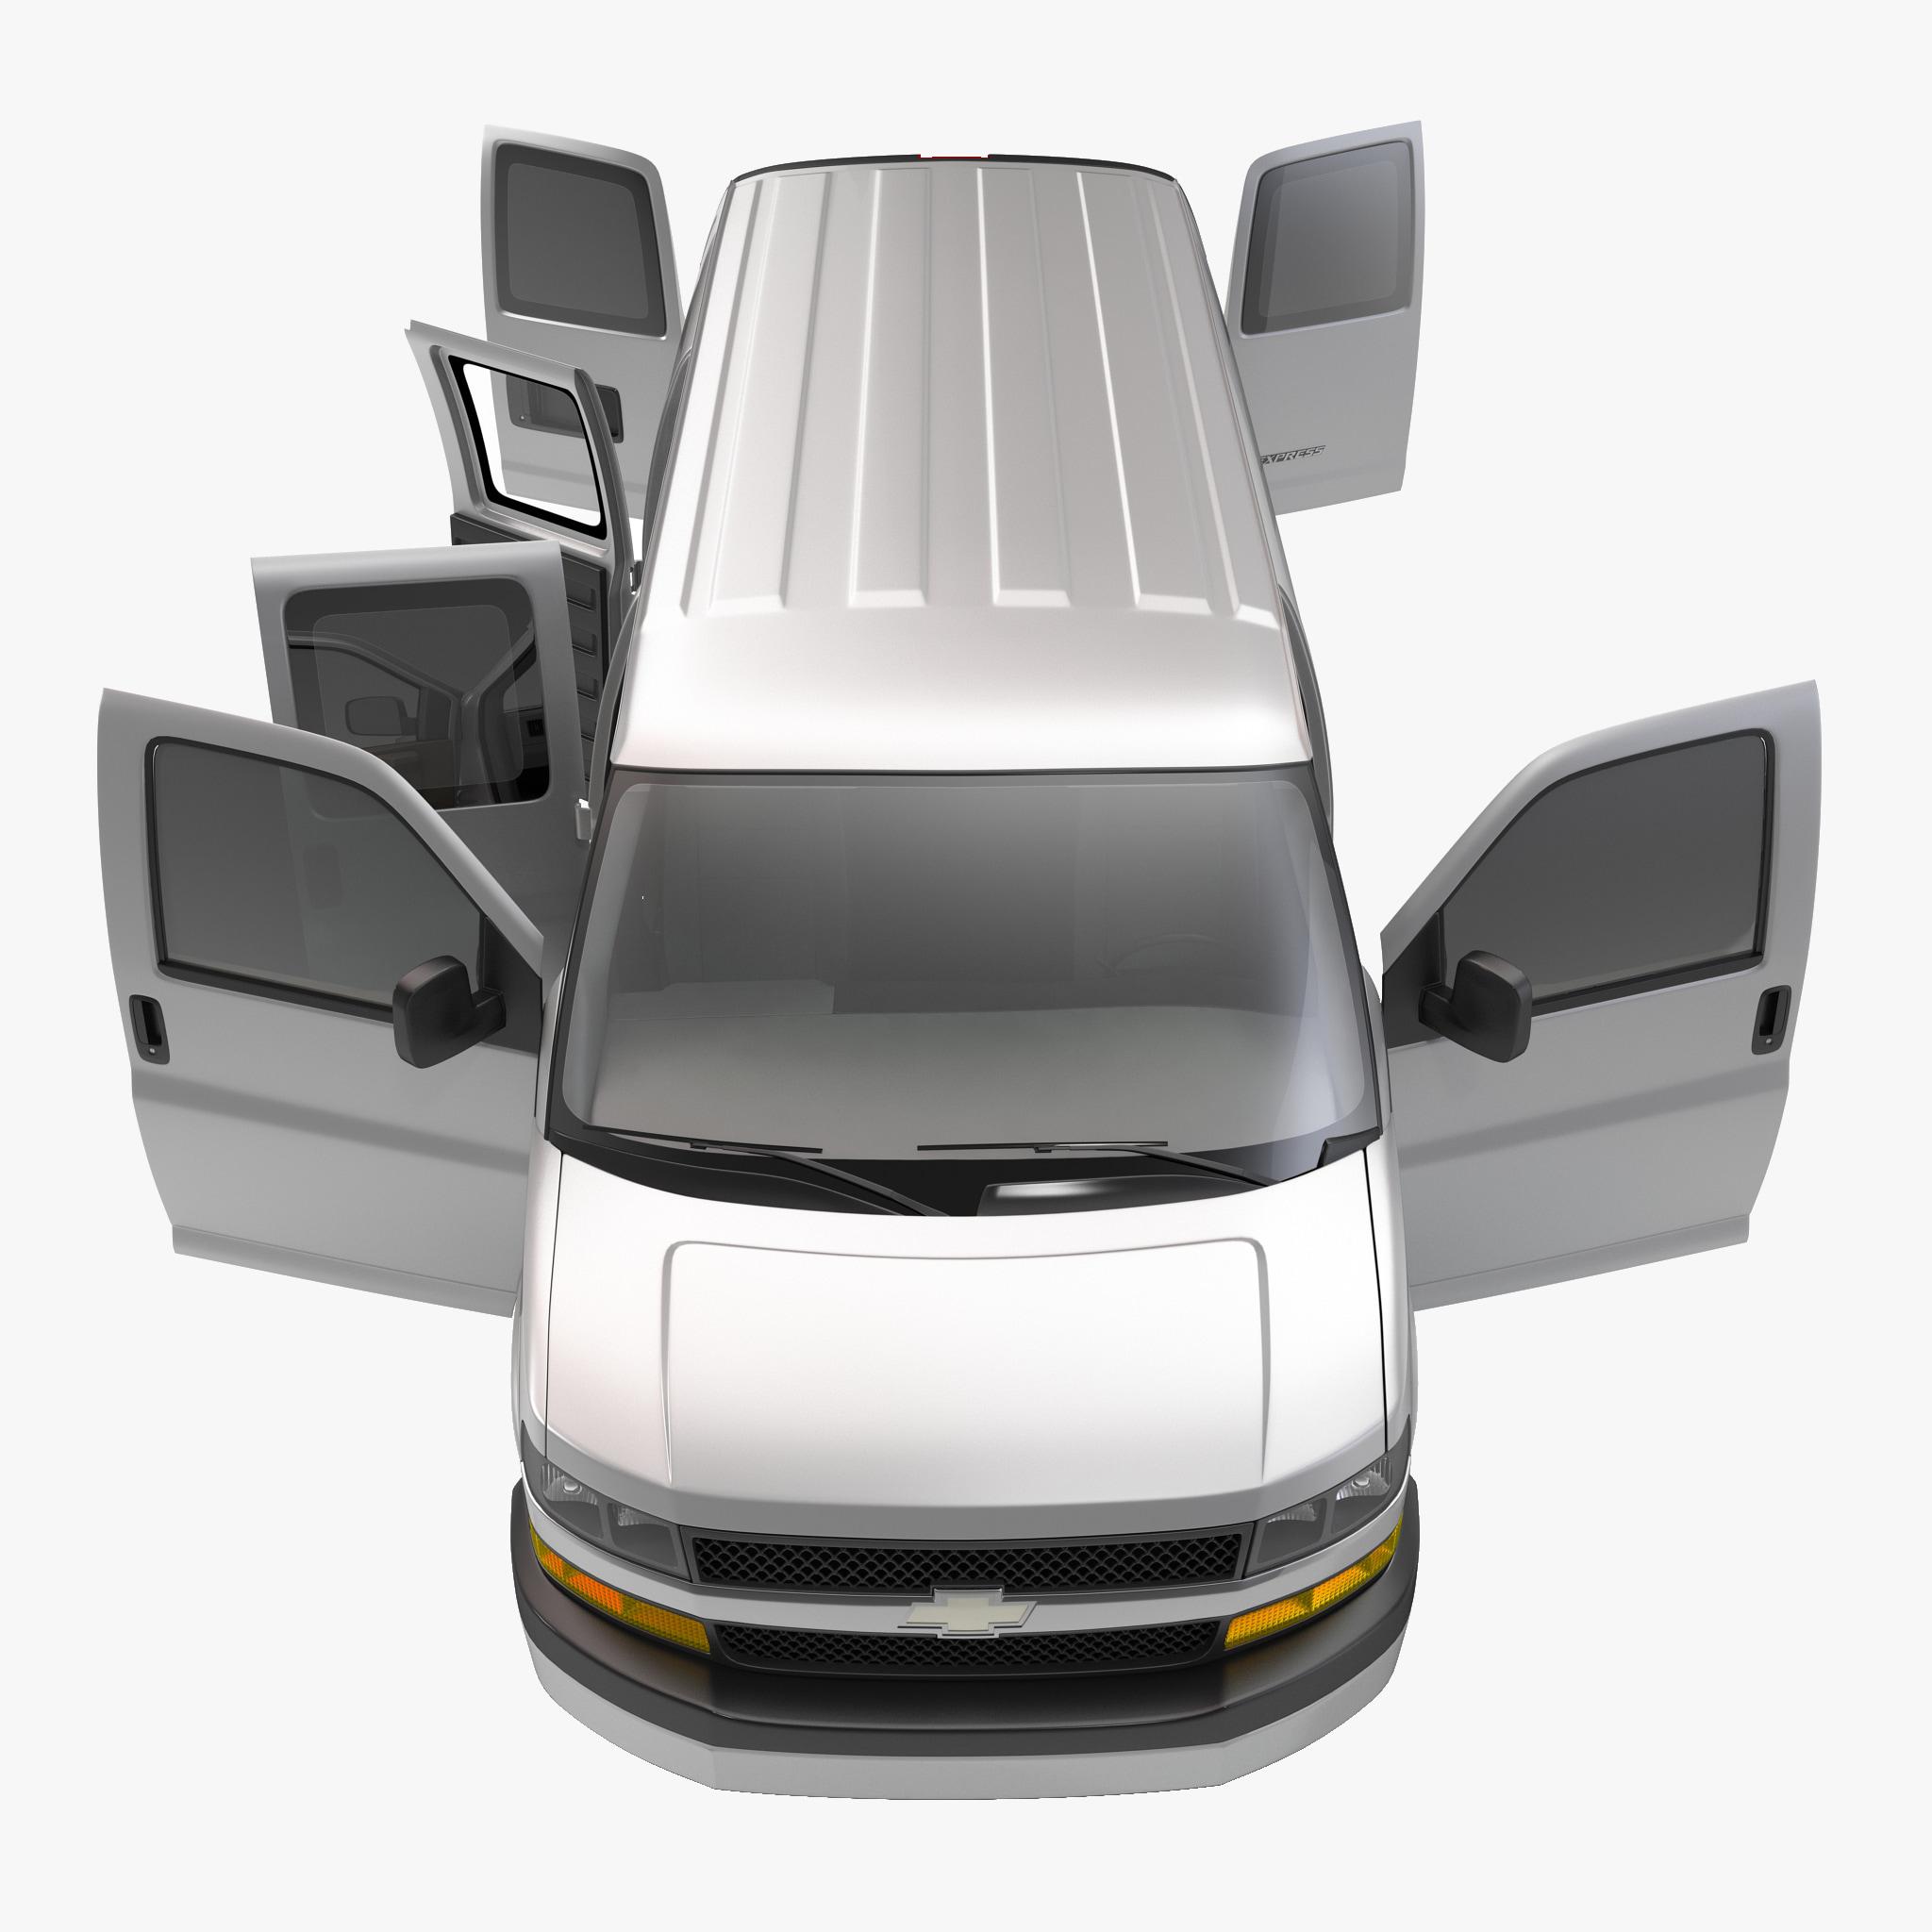 van chevrolet express 2014 3d model